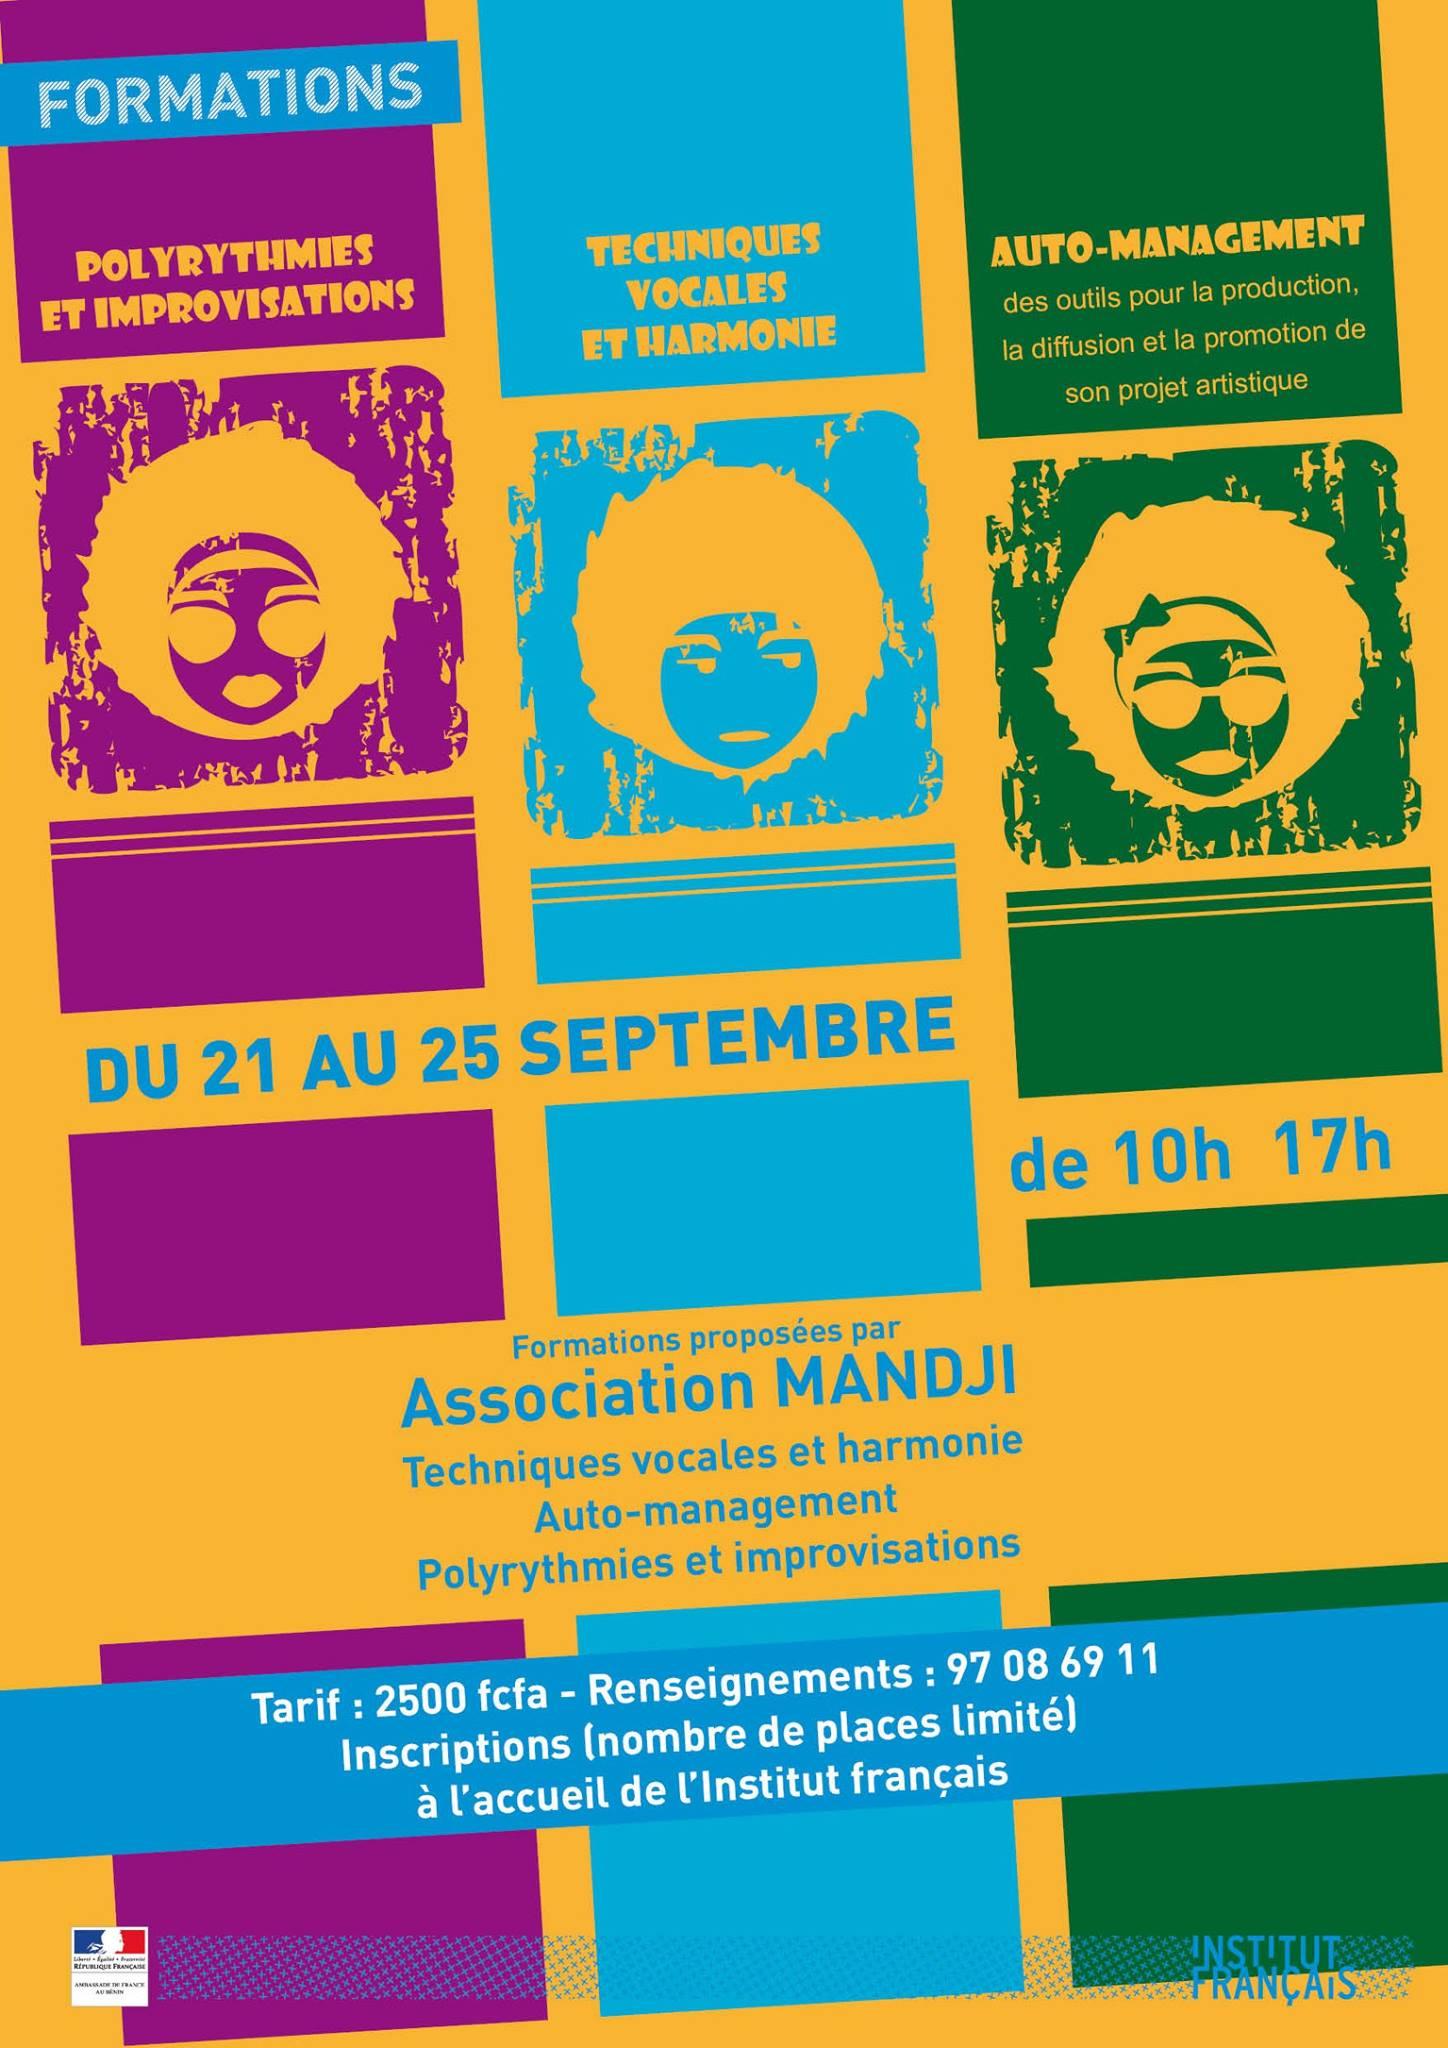 Affiche formations  Cotonou 2015